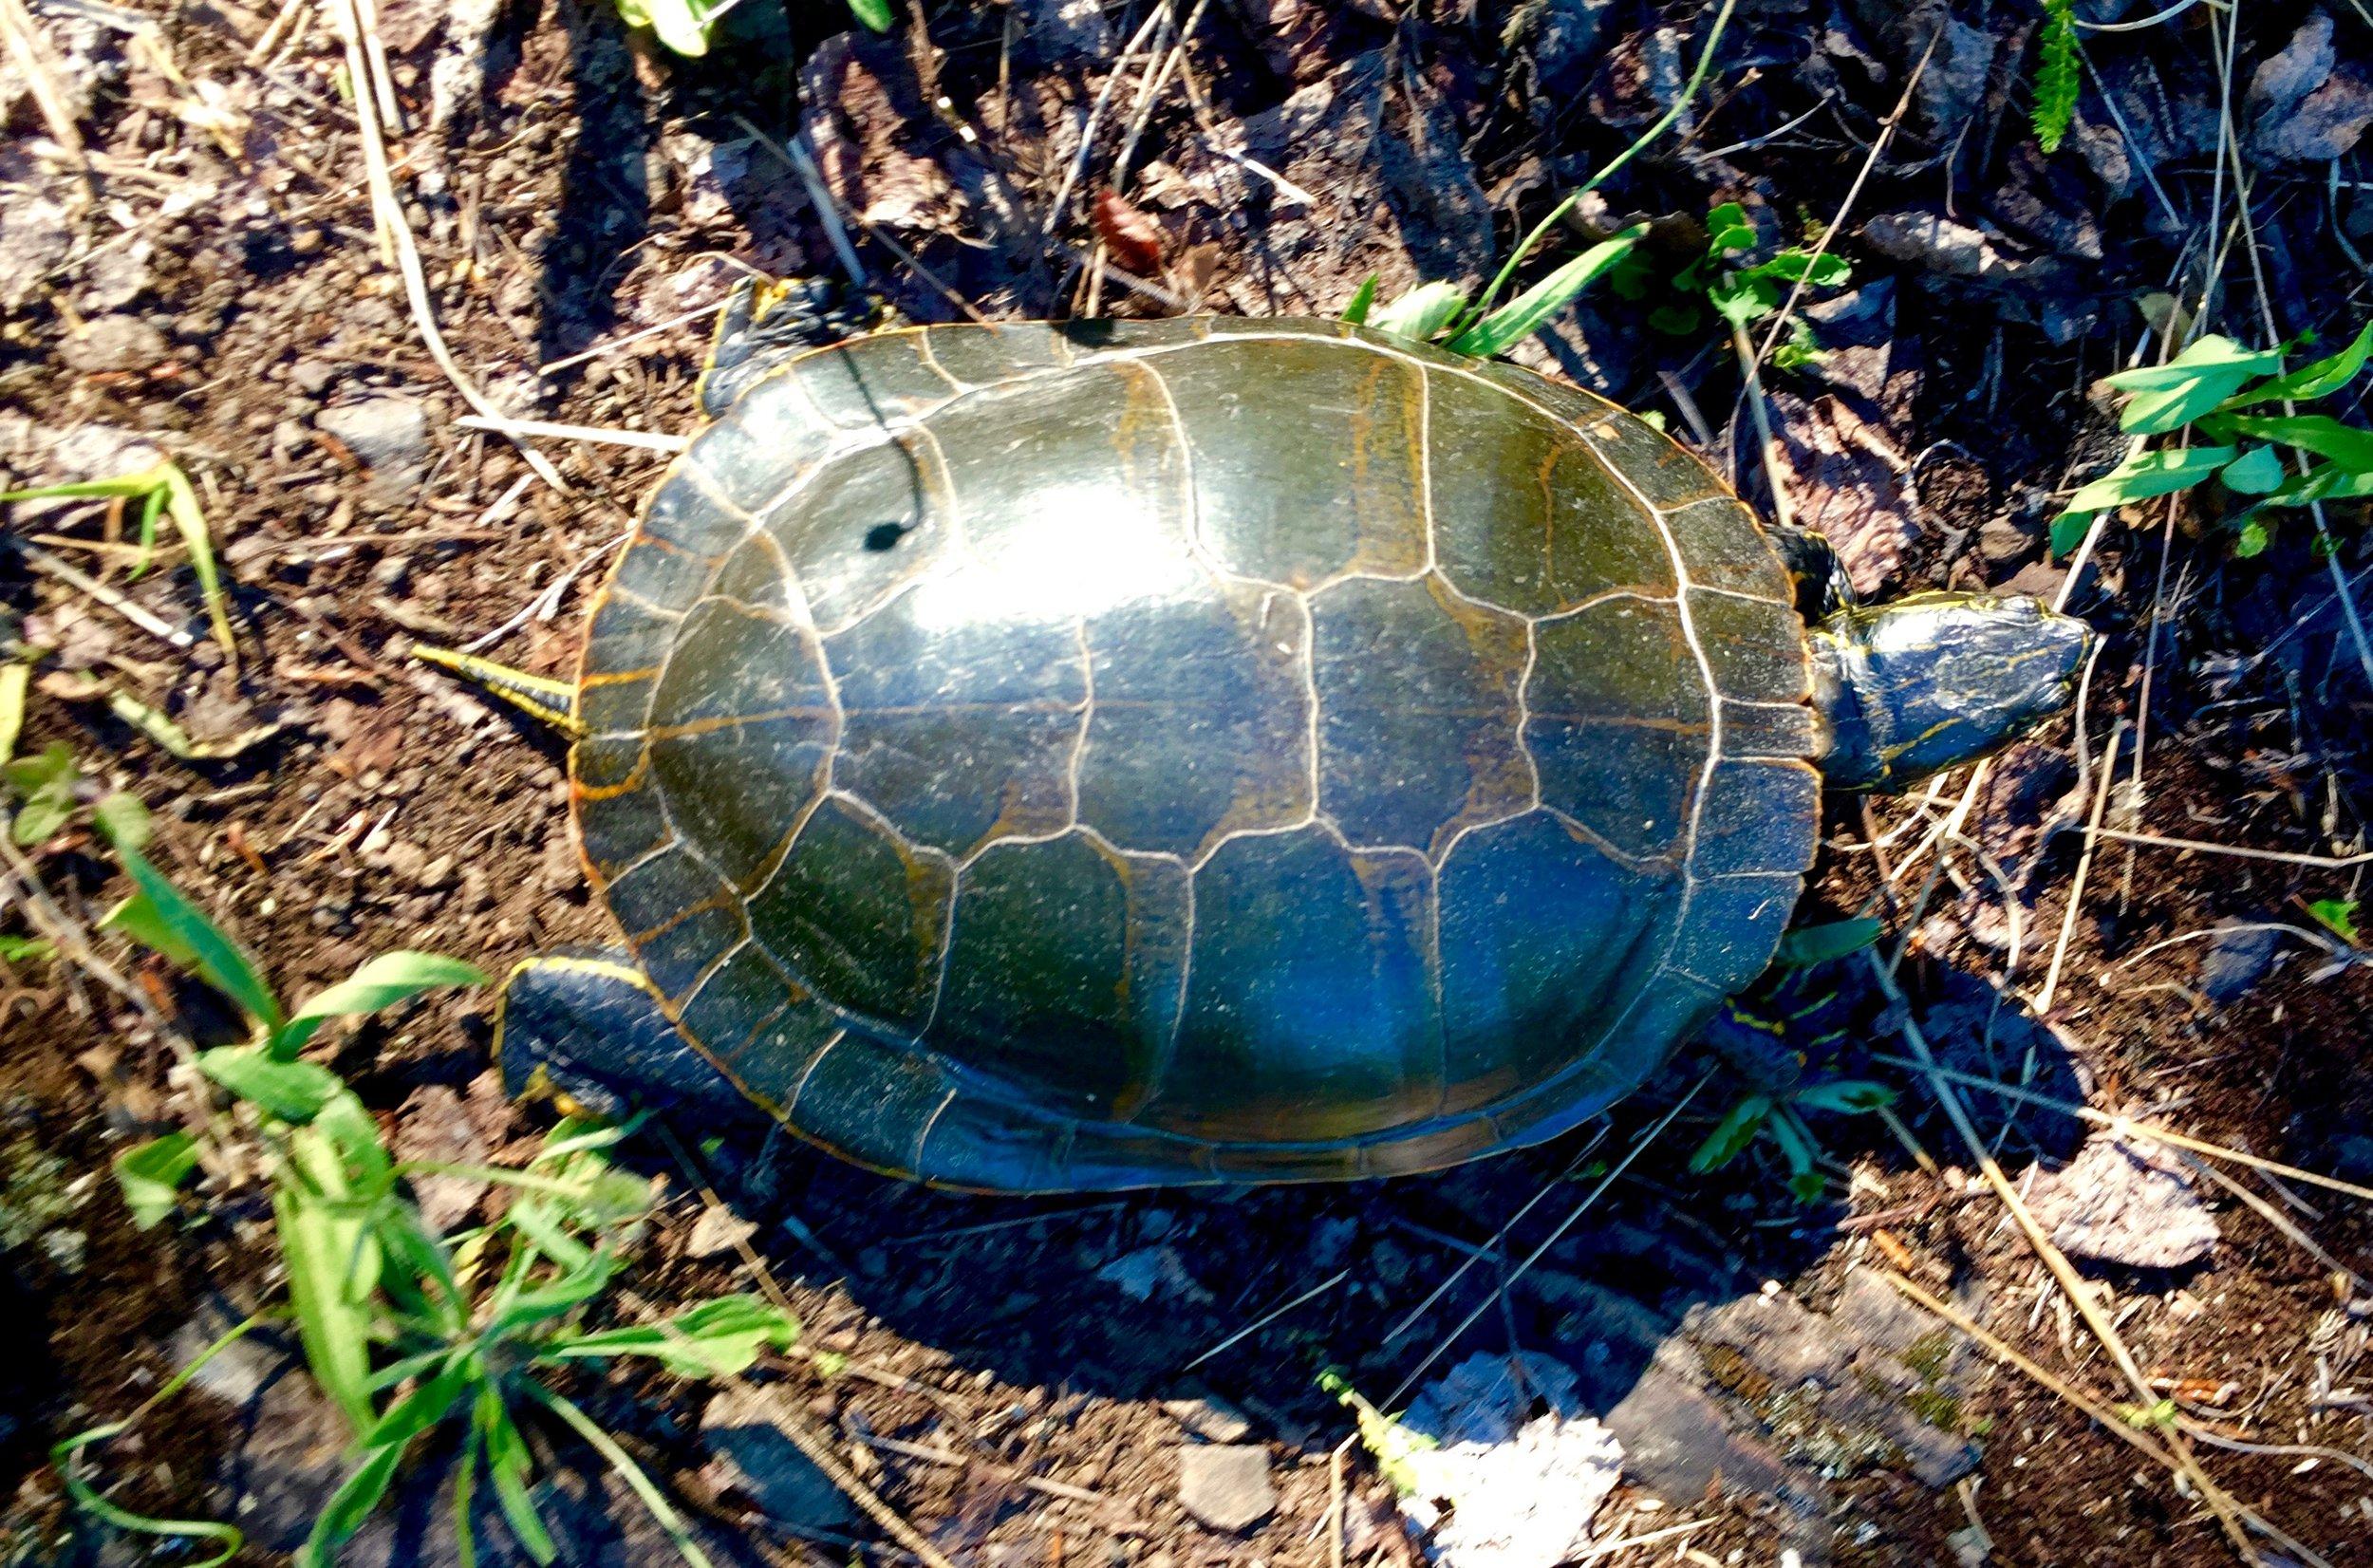 24 - Turtle.jpg